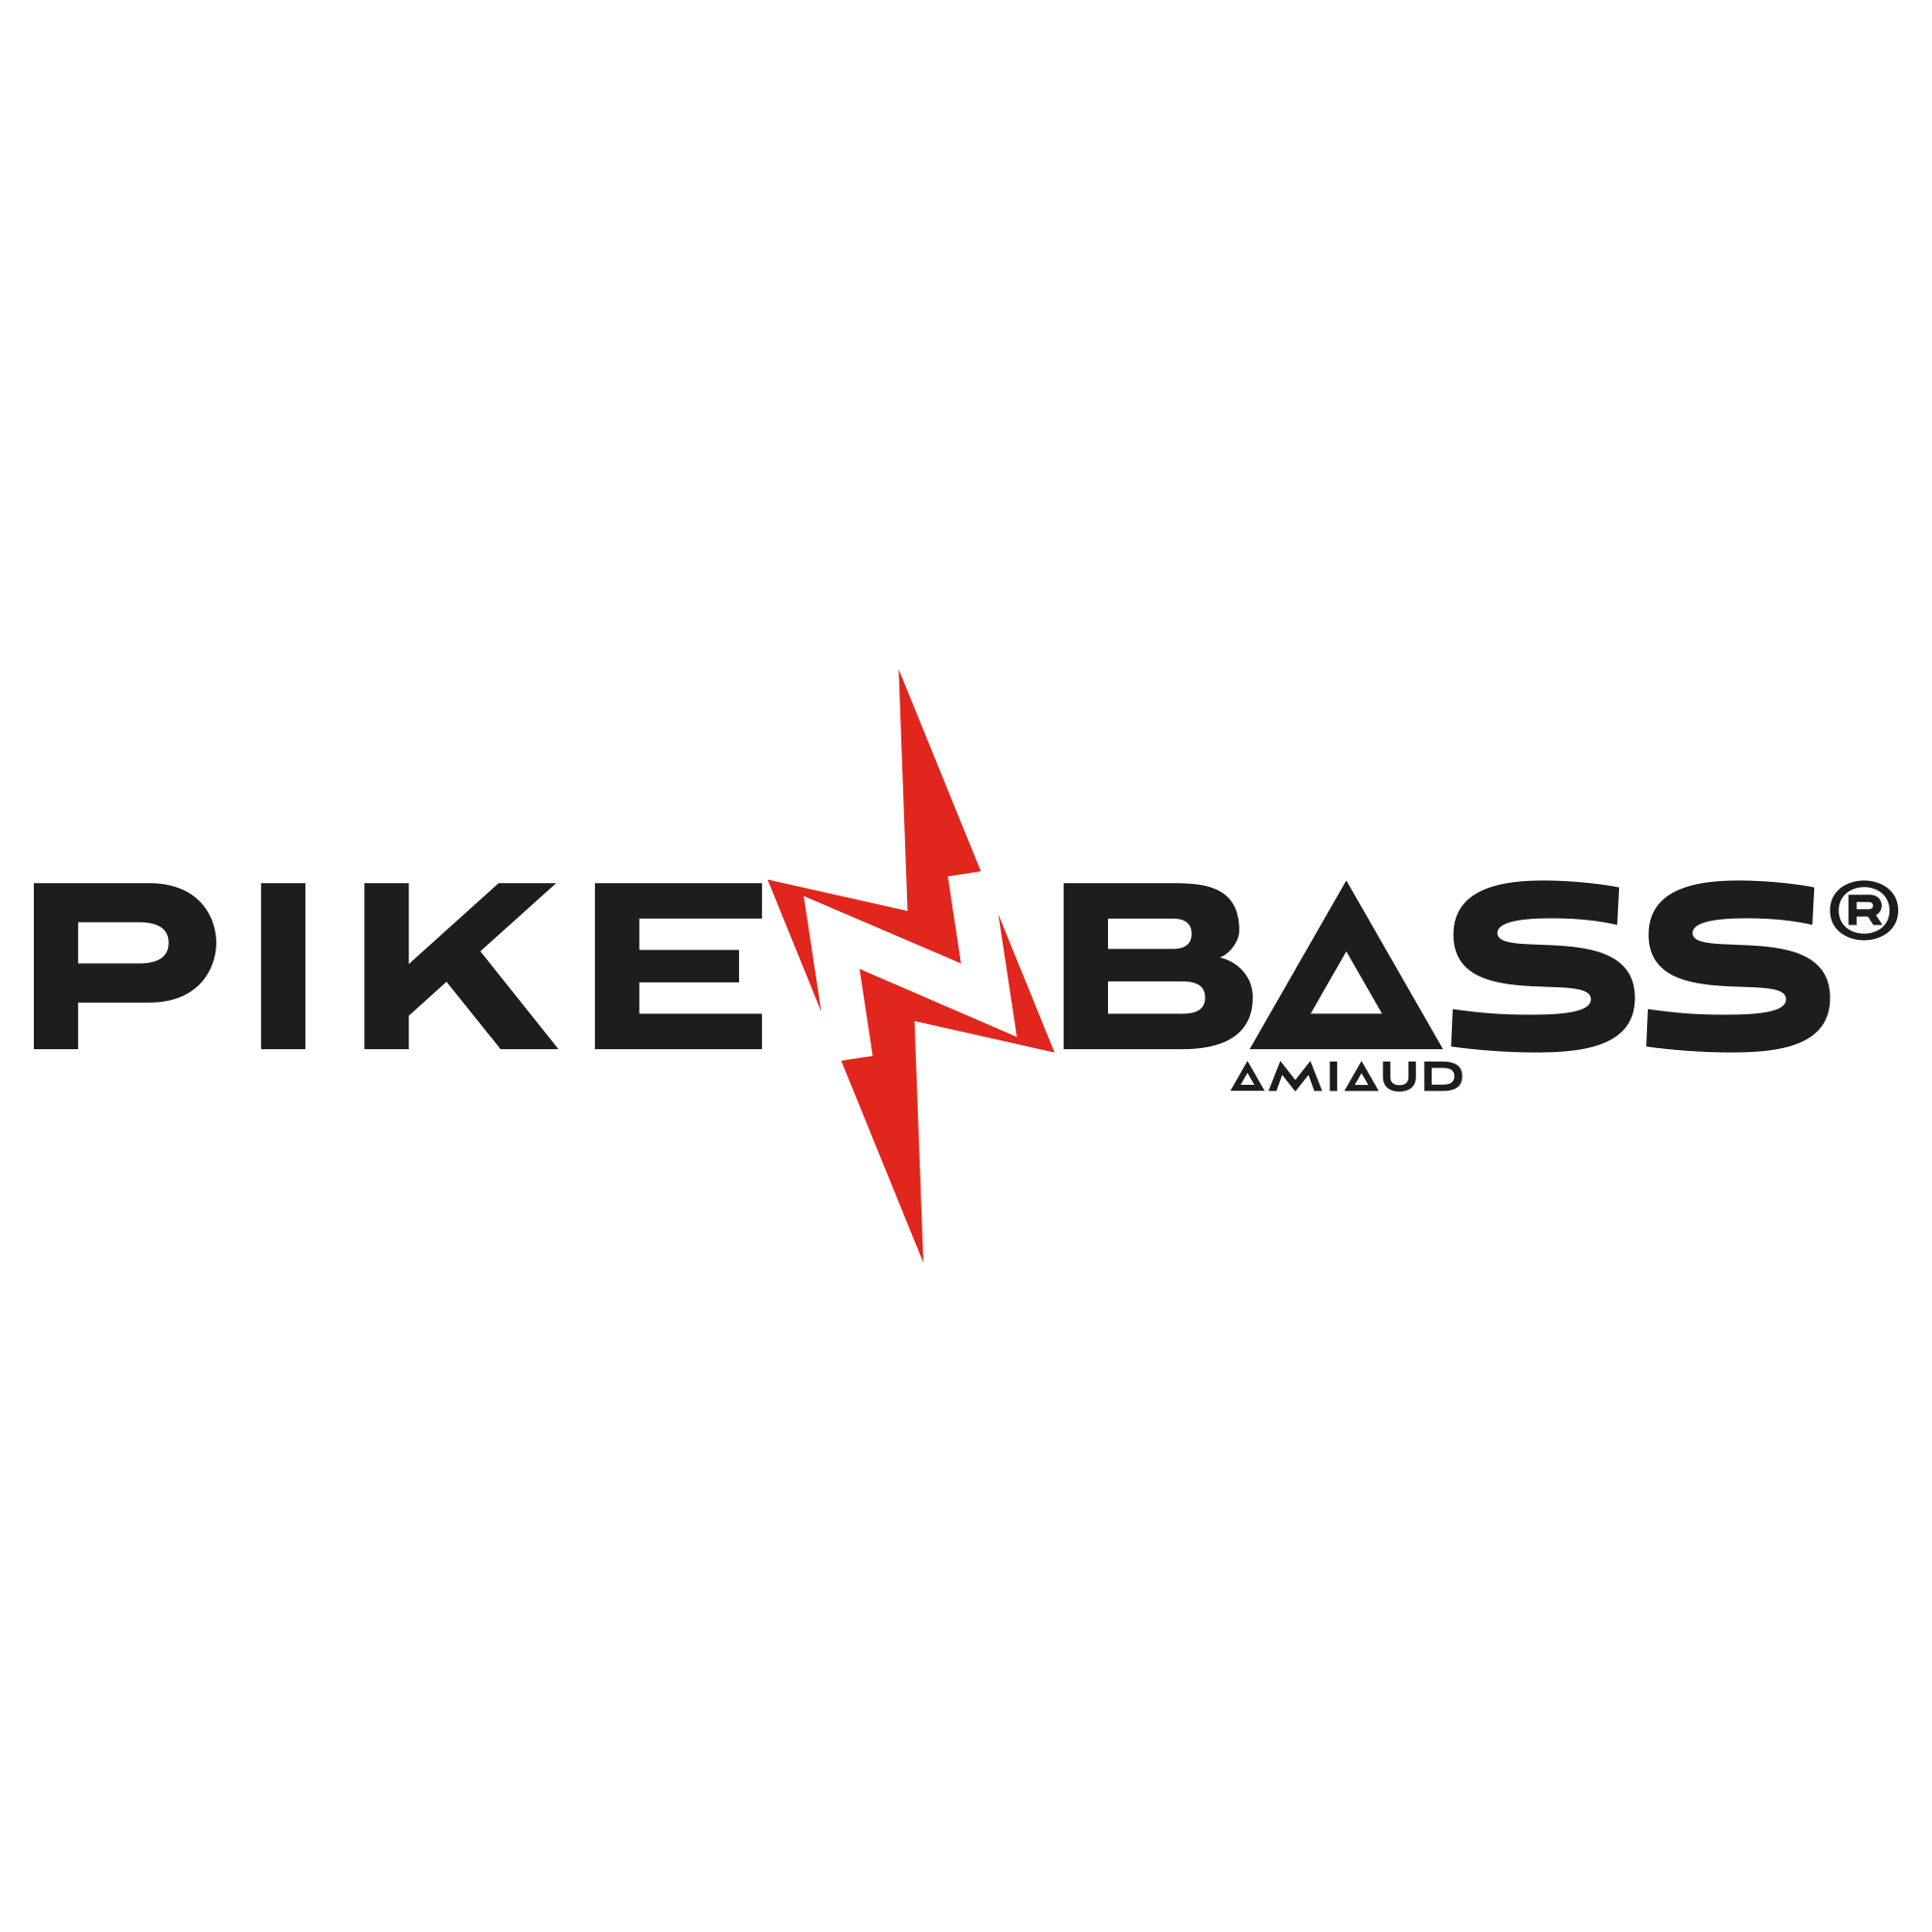 Pike N Bass